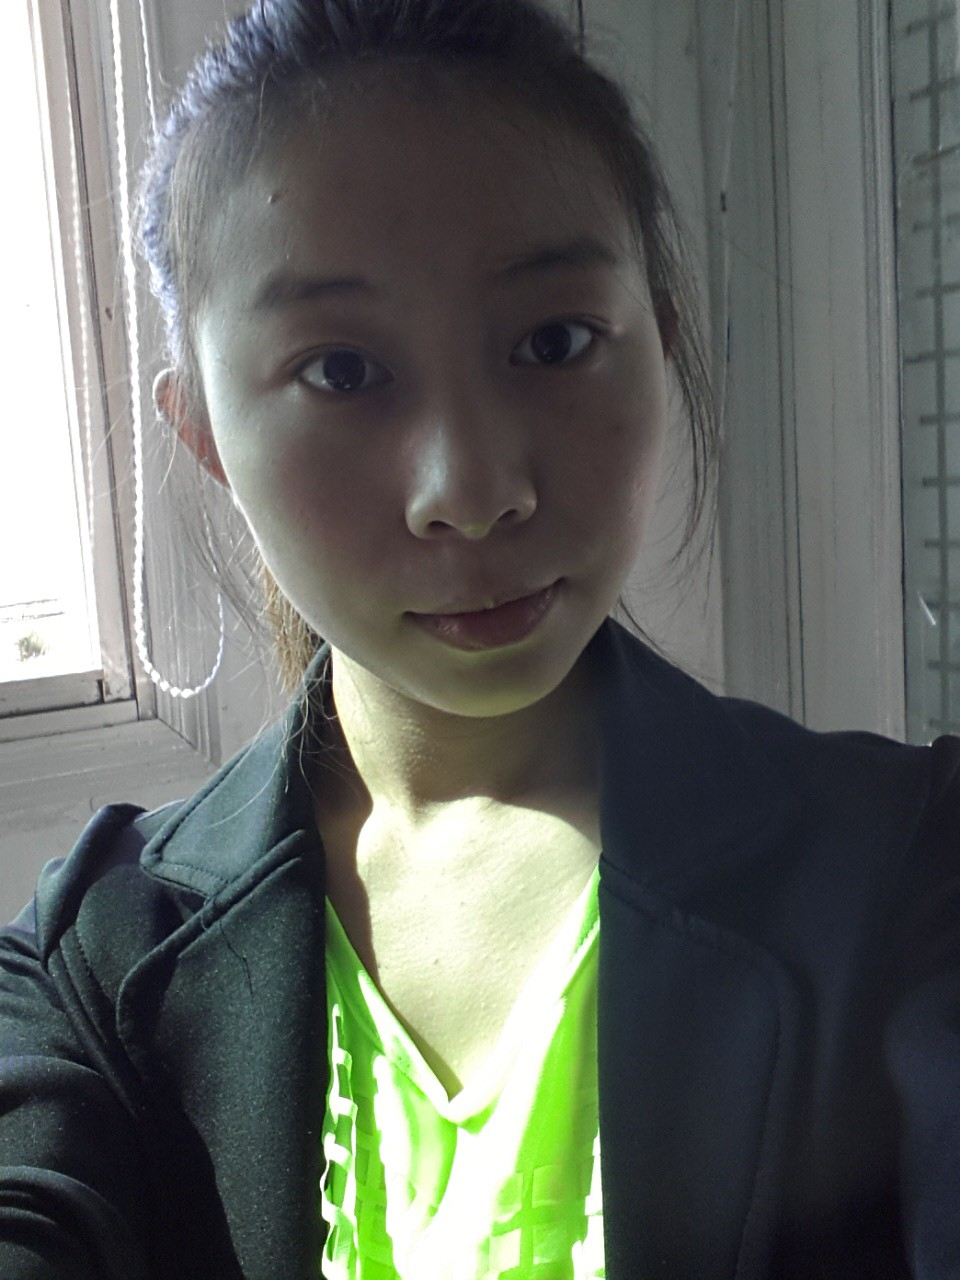 黄色淫荡老师图片_适合换怎样的发型?现在的头发是黄色.